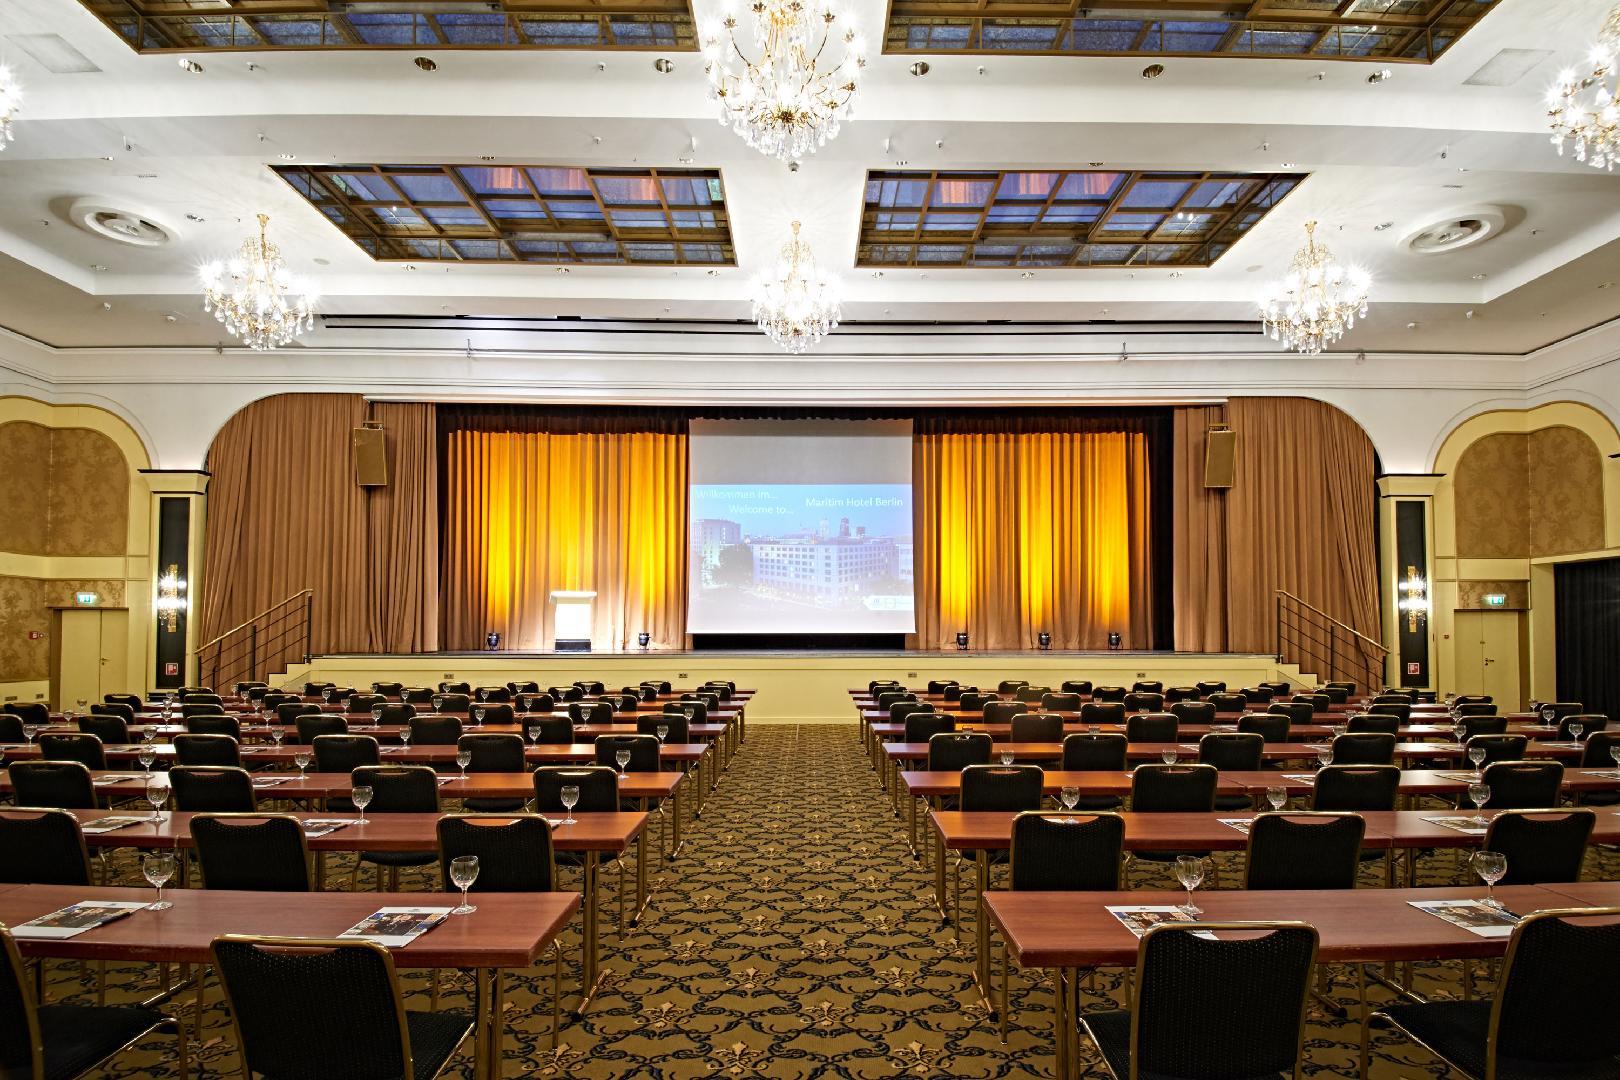 Bild 1 von Saal Berlin (Sektion A mit Bühne)